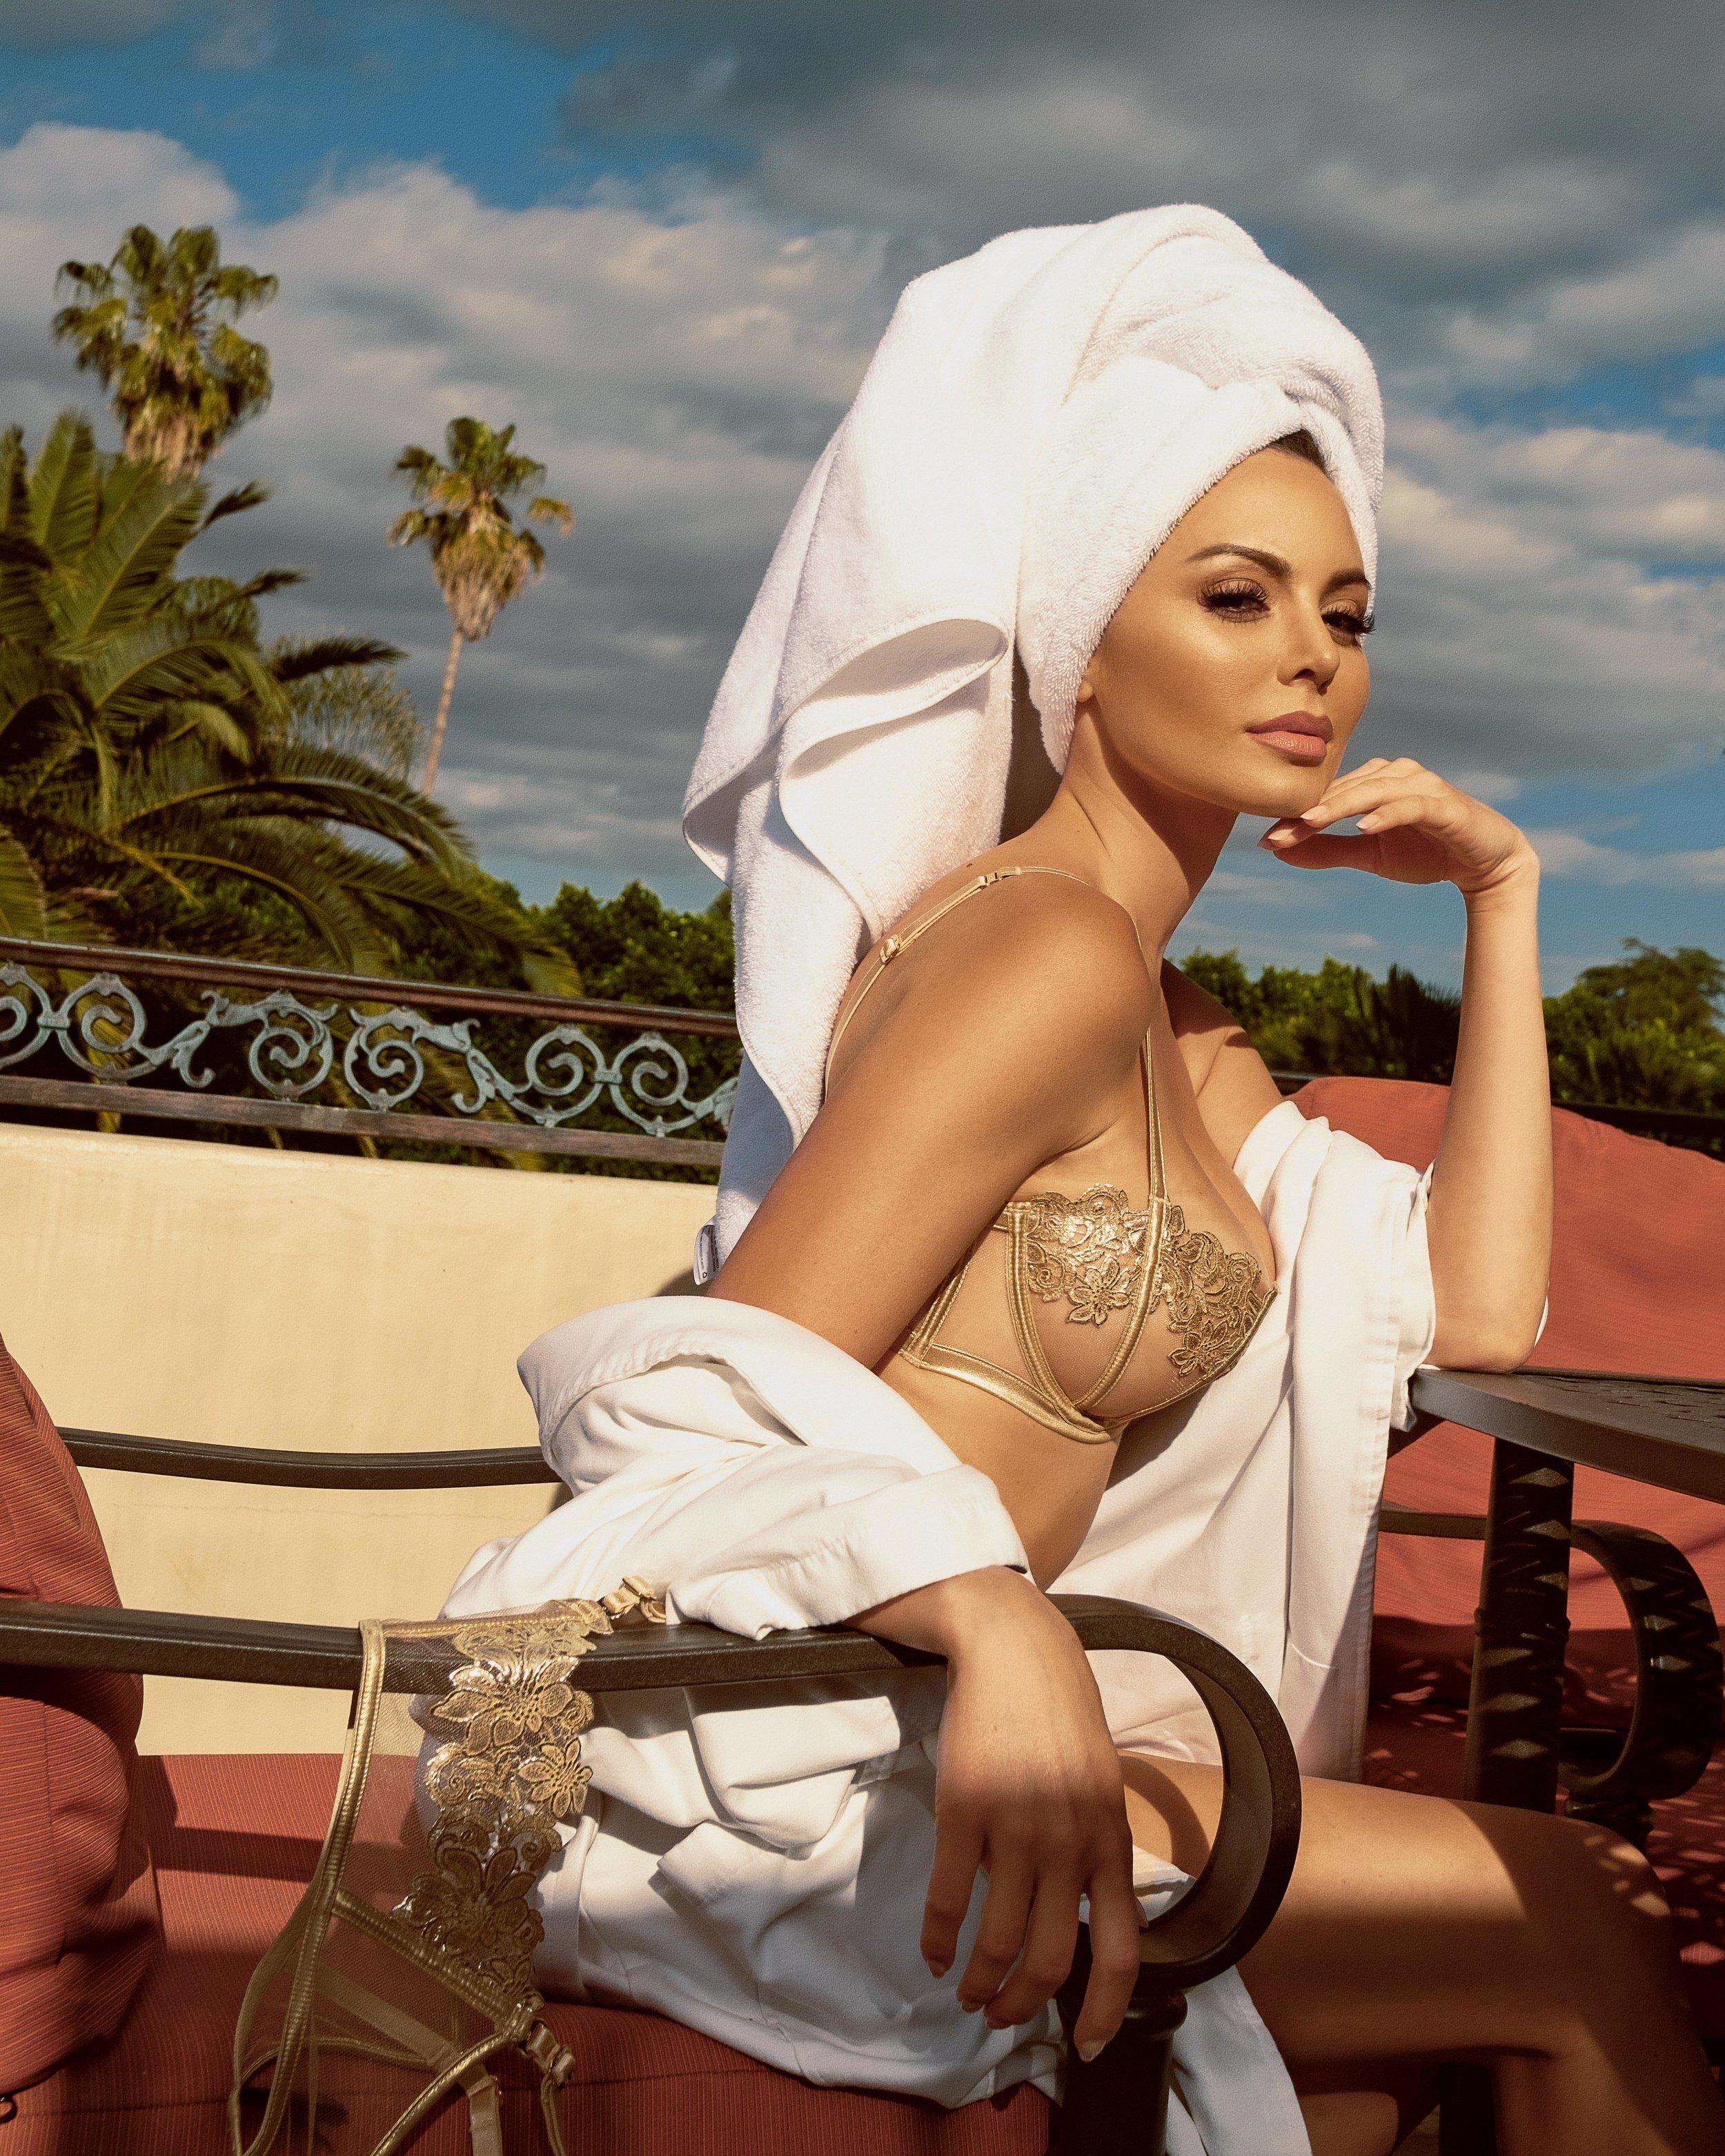 Emelina-White-Towel-Gifted-Mindset-Photography-2.jpg